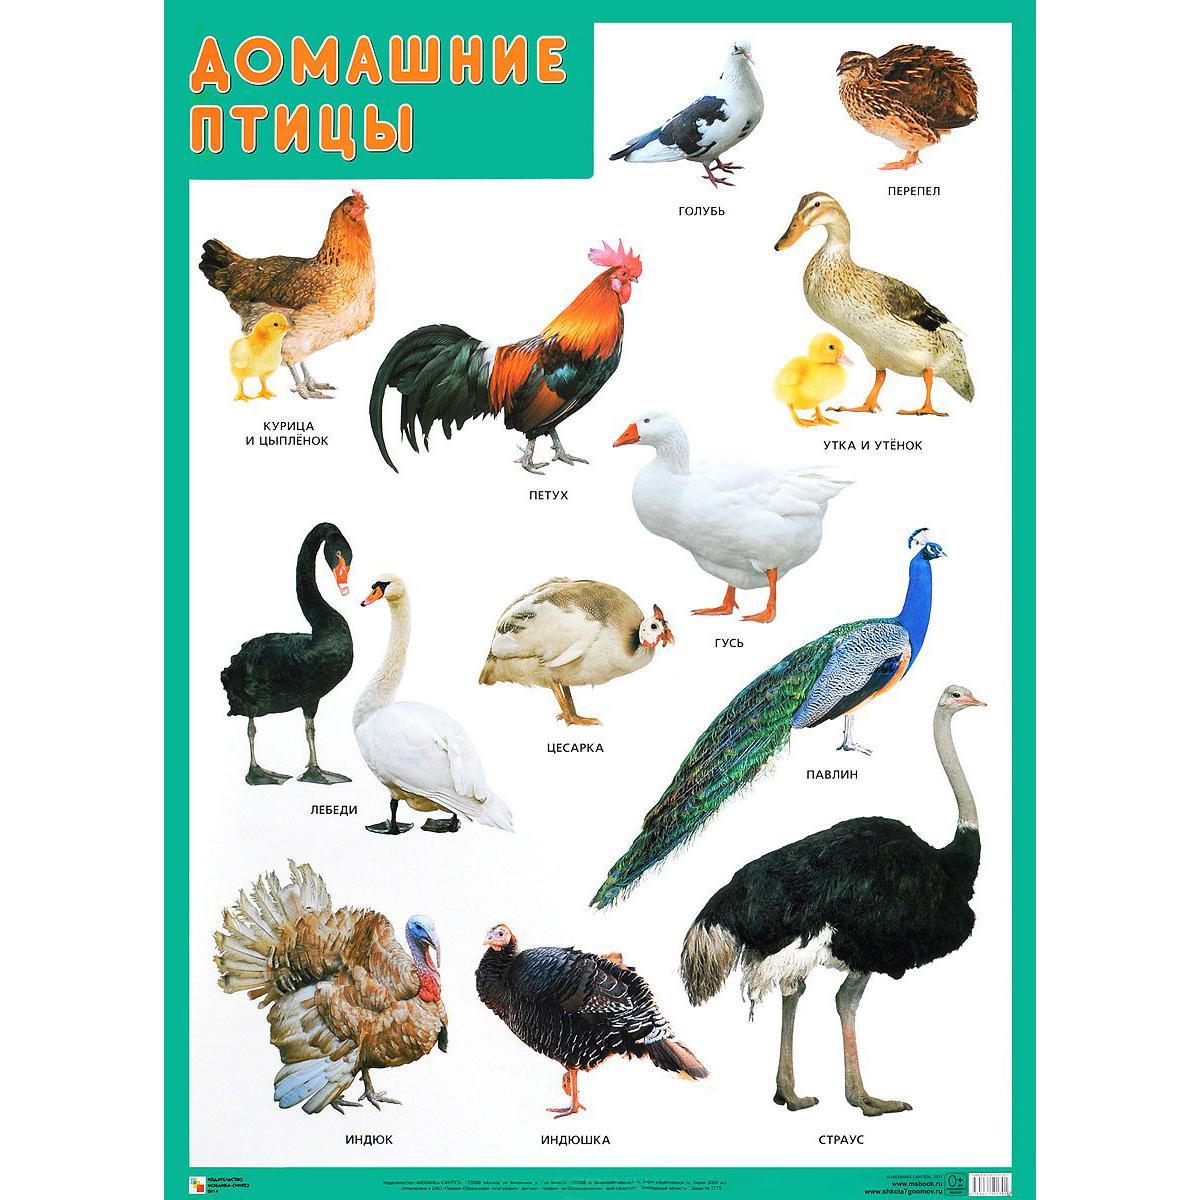 все домашние птицы названия и фото квартиру коммунаре